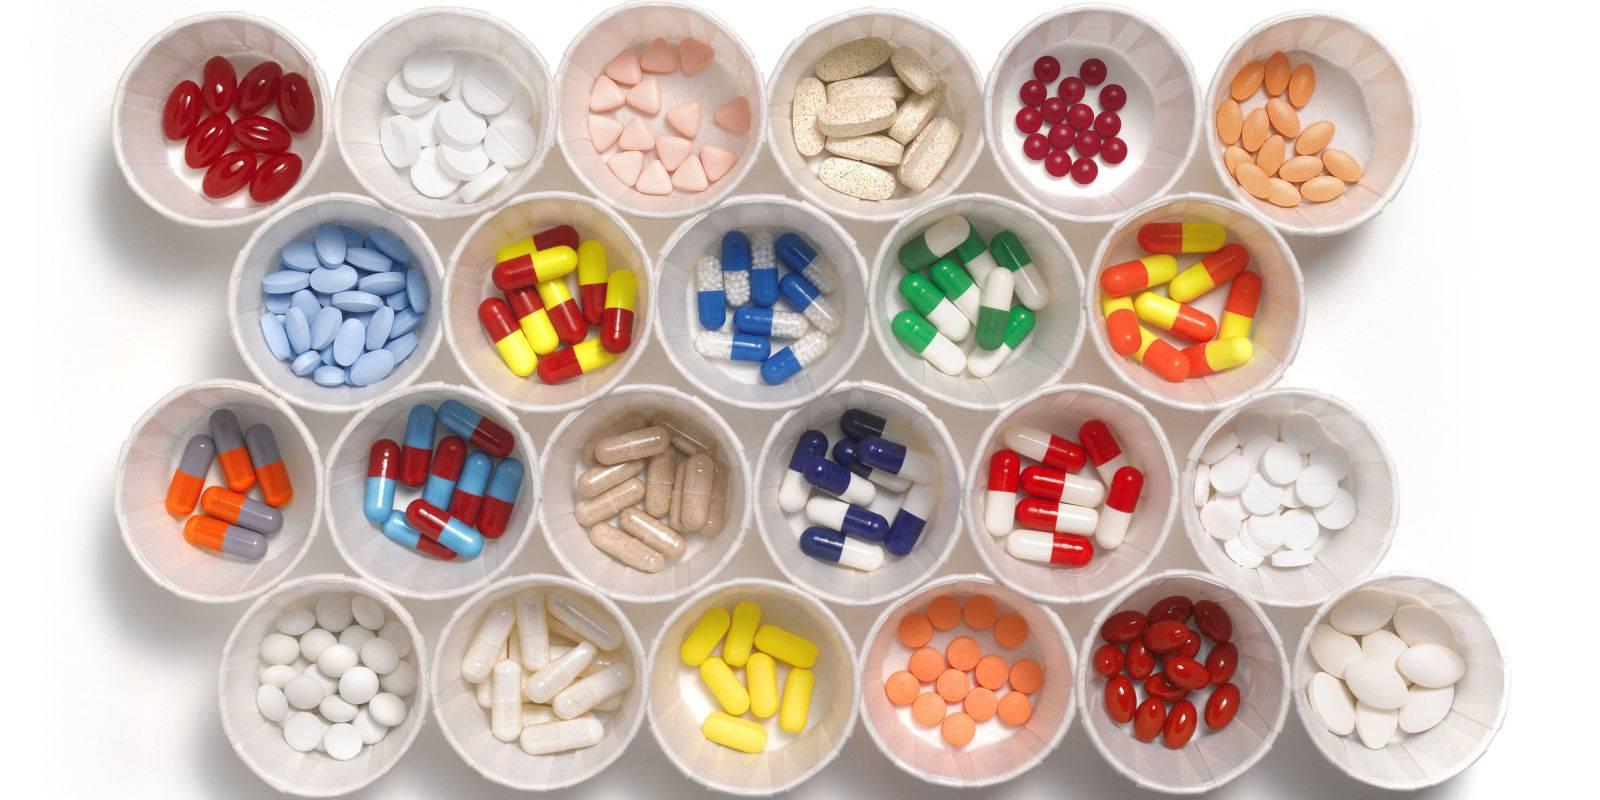 داروی های مضر برای افراد بالای 65 سال چیست؟